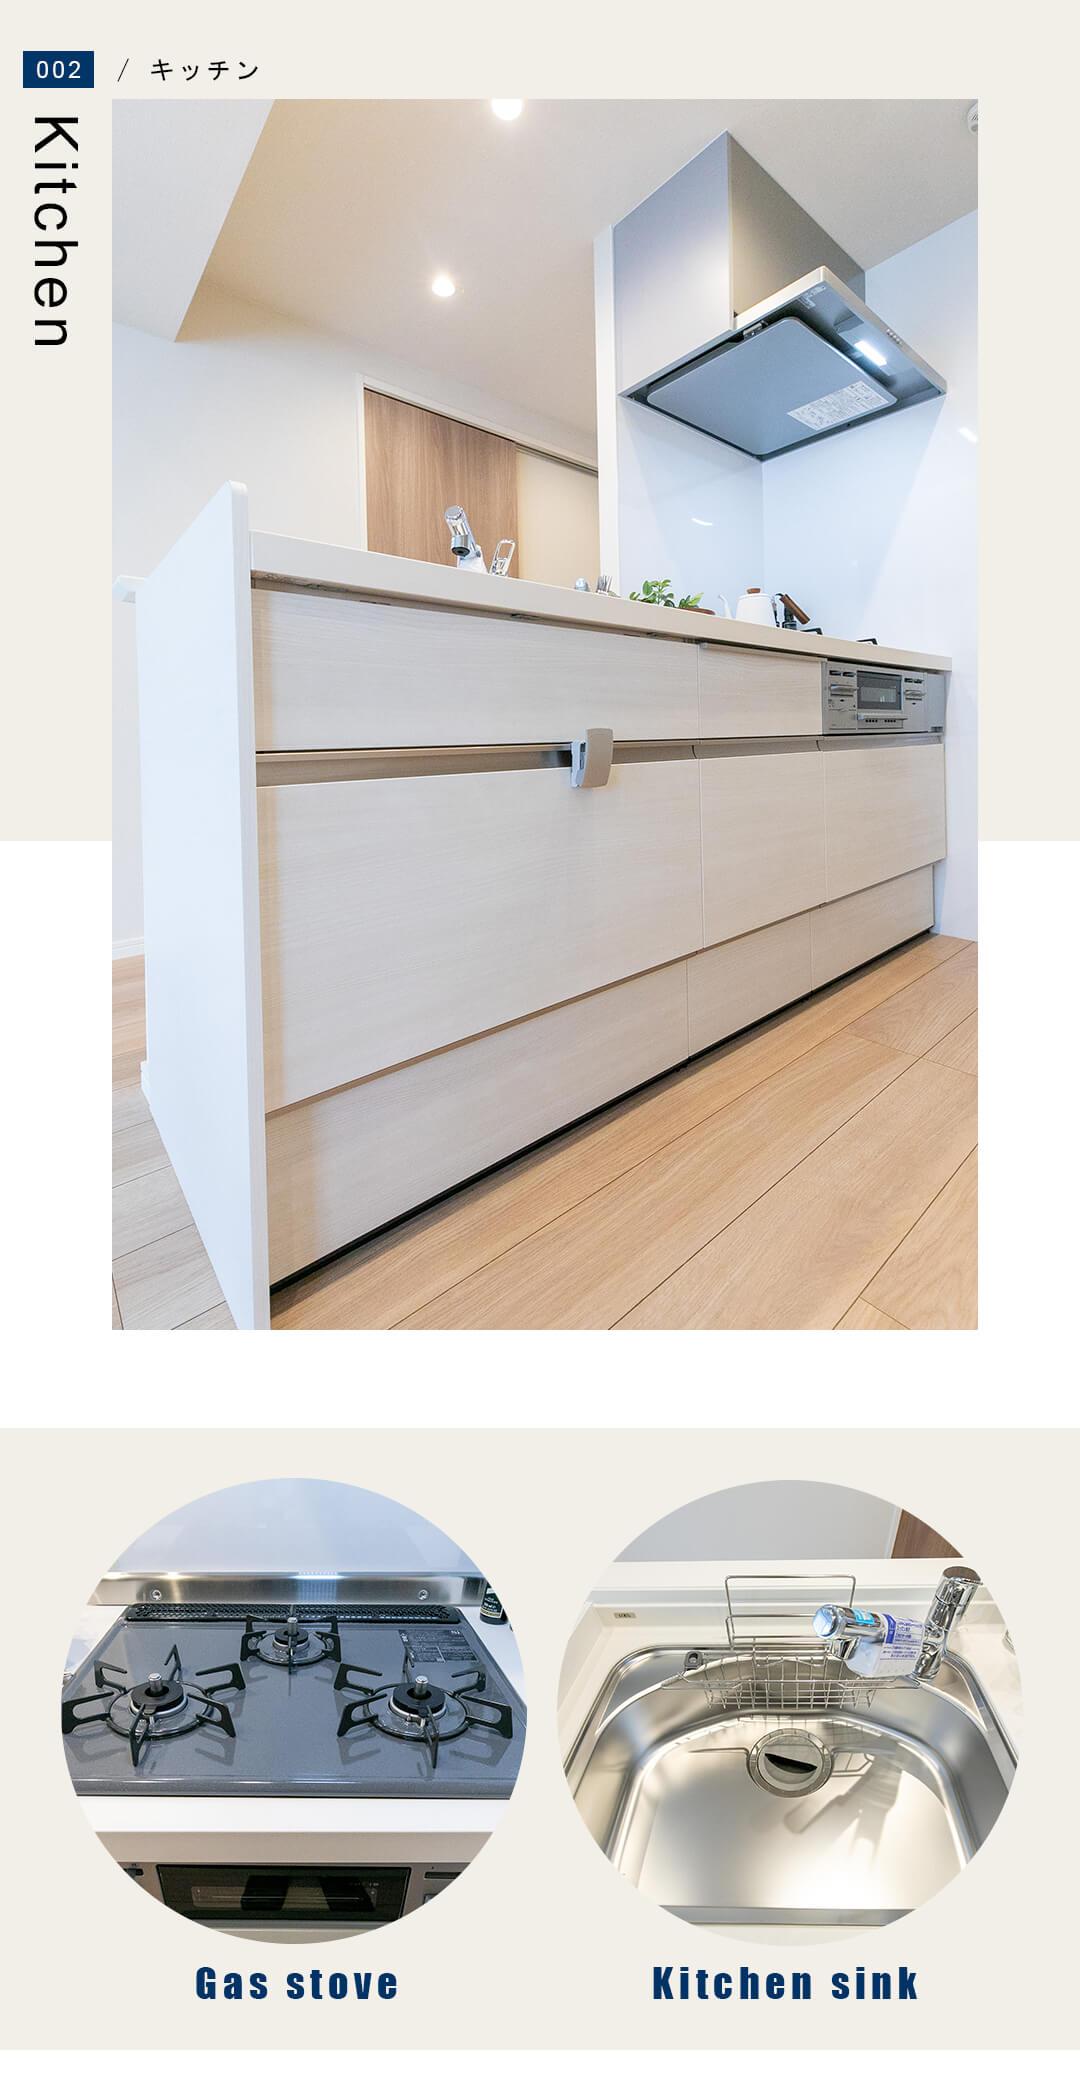 エクレール五反田のキッチン